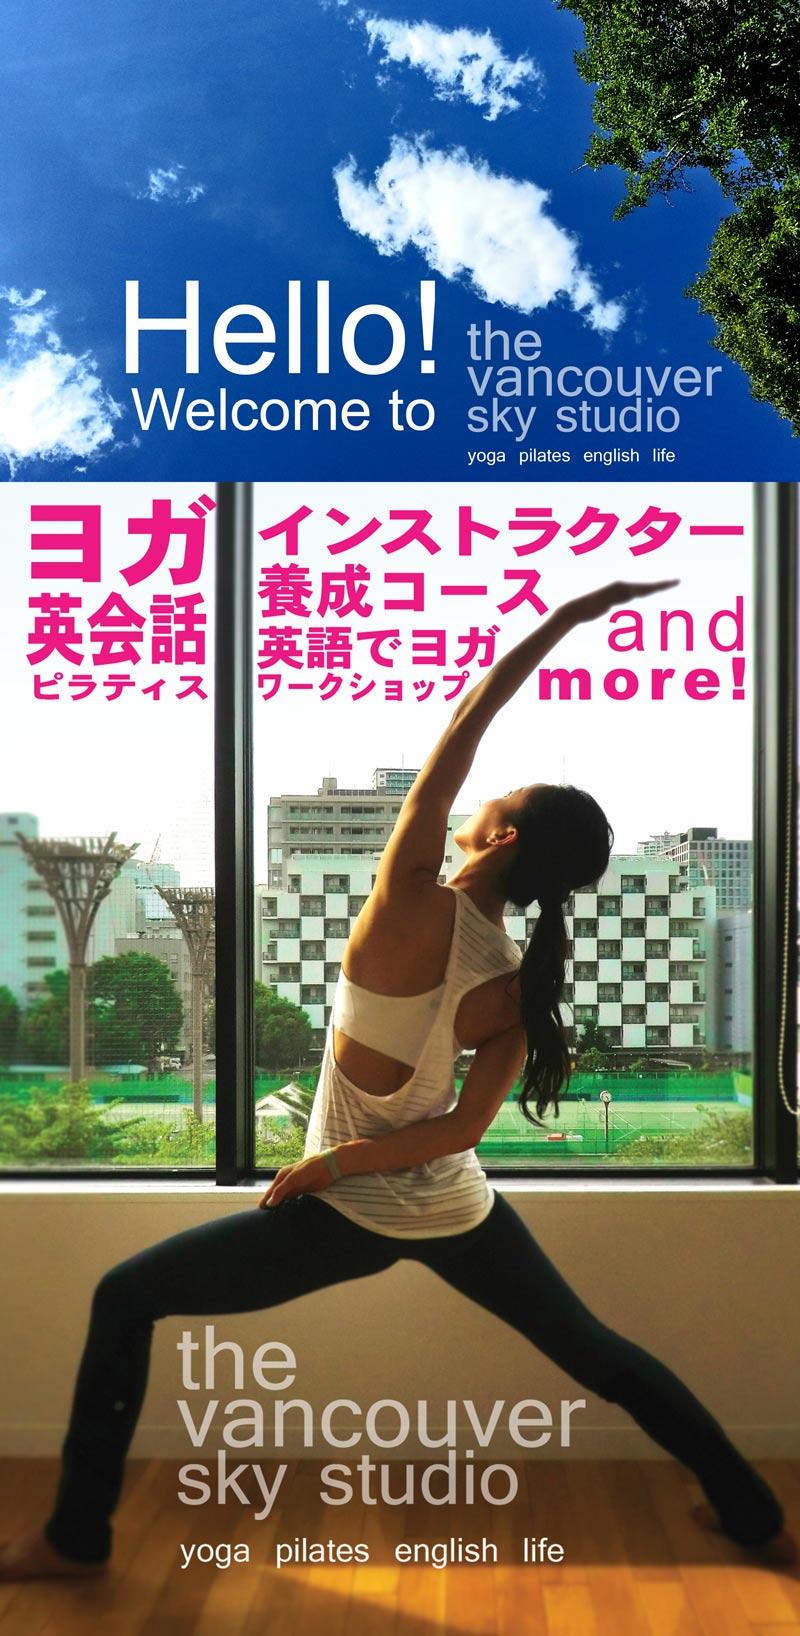 大阪 ヨガスタジオ 英会話 靭公園 、バンクーバースカイスタジオへようこそ!大阪本町靭公園のすぐ側、カナダバンクーバーの様な開放感たっぷりの空間でヨガ、ピラティス。朝ヨガから夜のヨガまで色んな空と一緒にヨガを楽しめます! 大阪の街で異国の空間を…